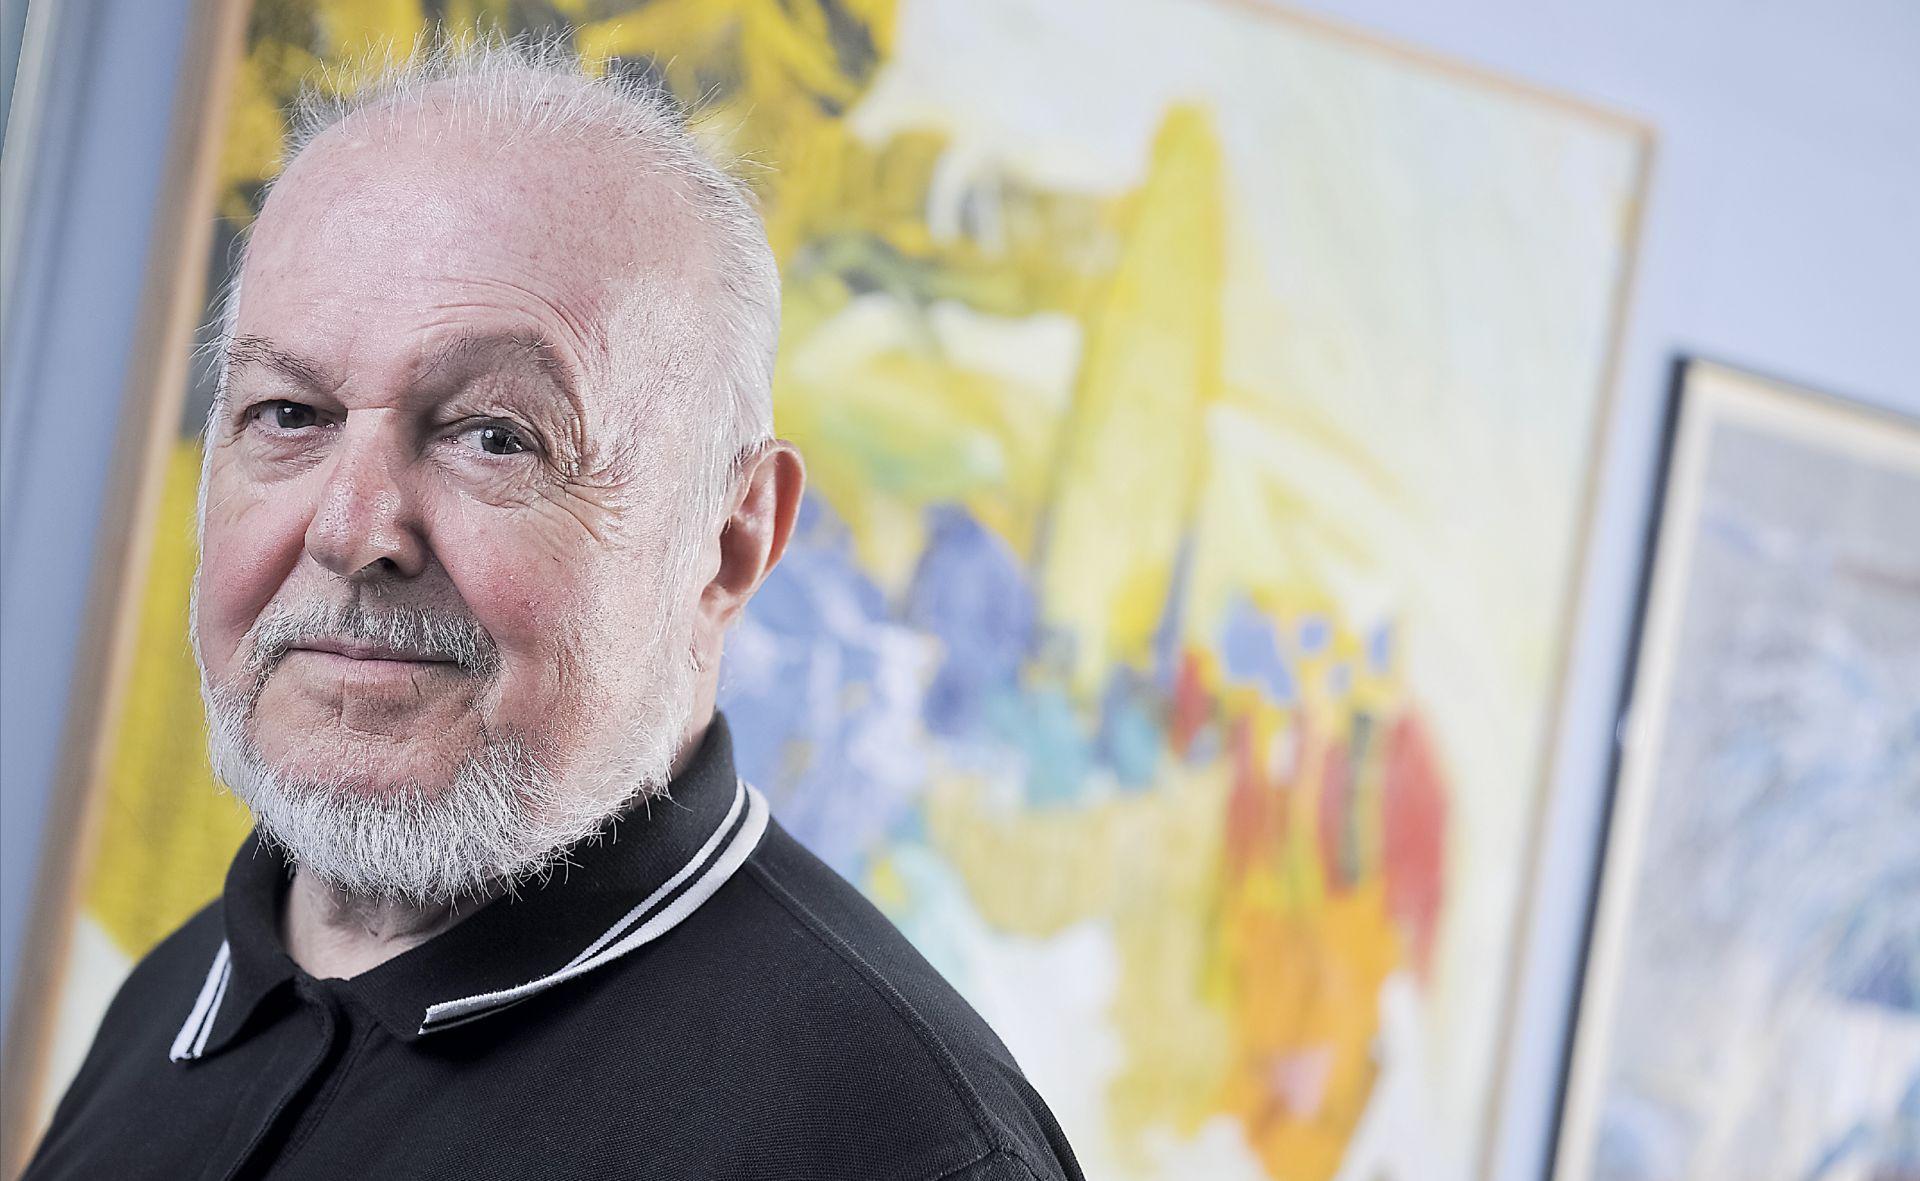 MAJETIĆ 'S hrvatskom kulturom izdahnut će i hrvatski narod'